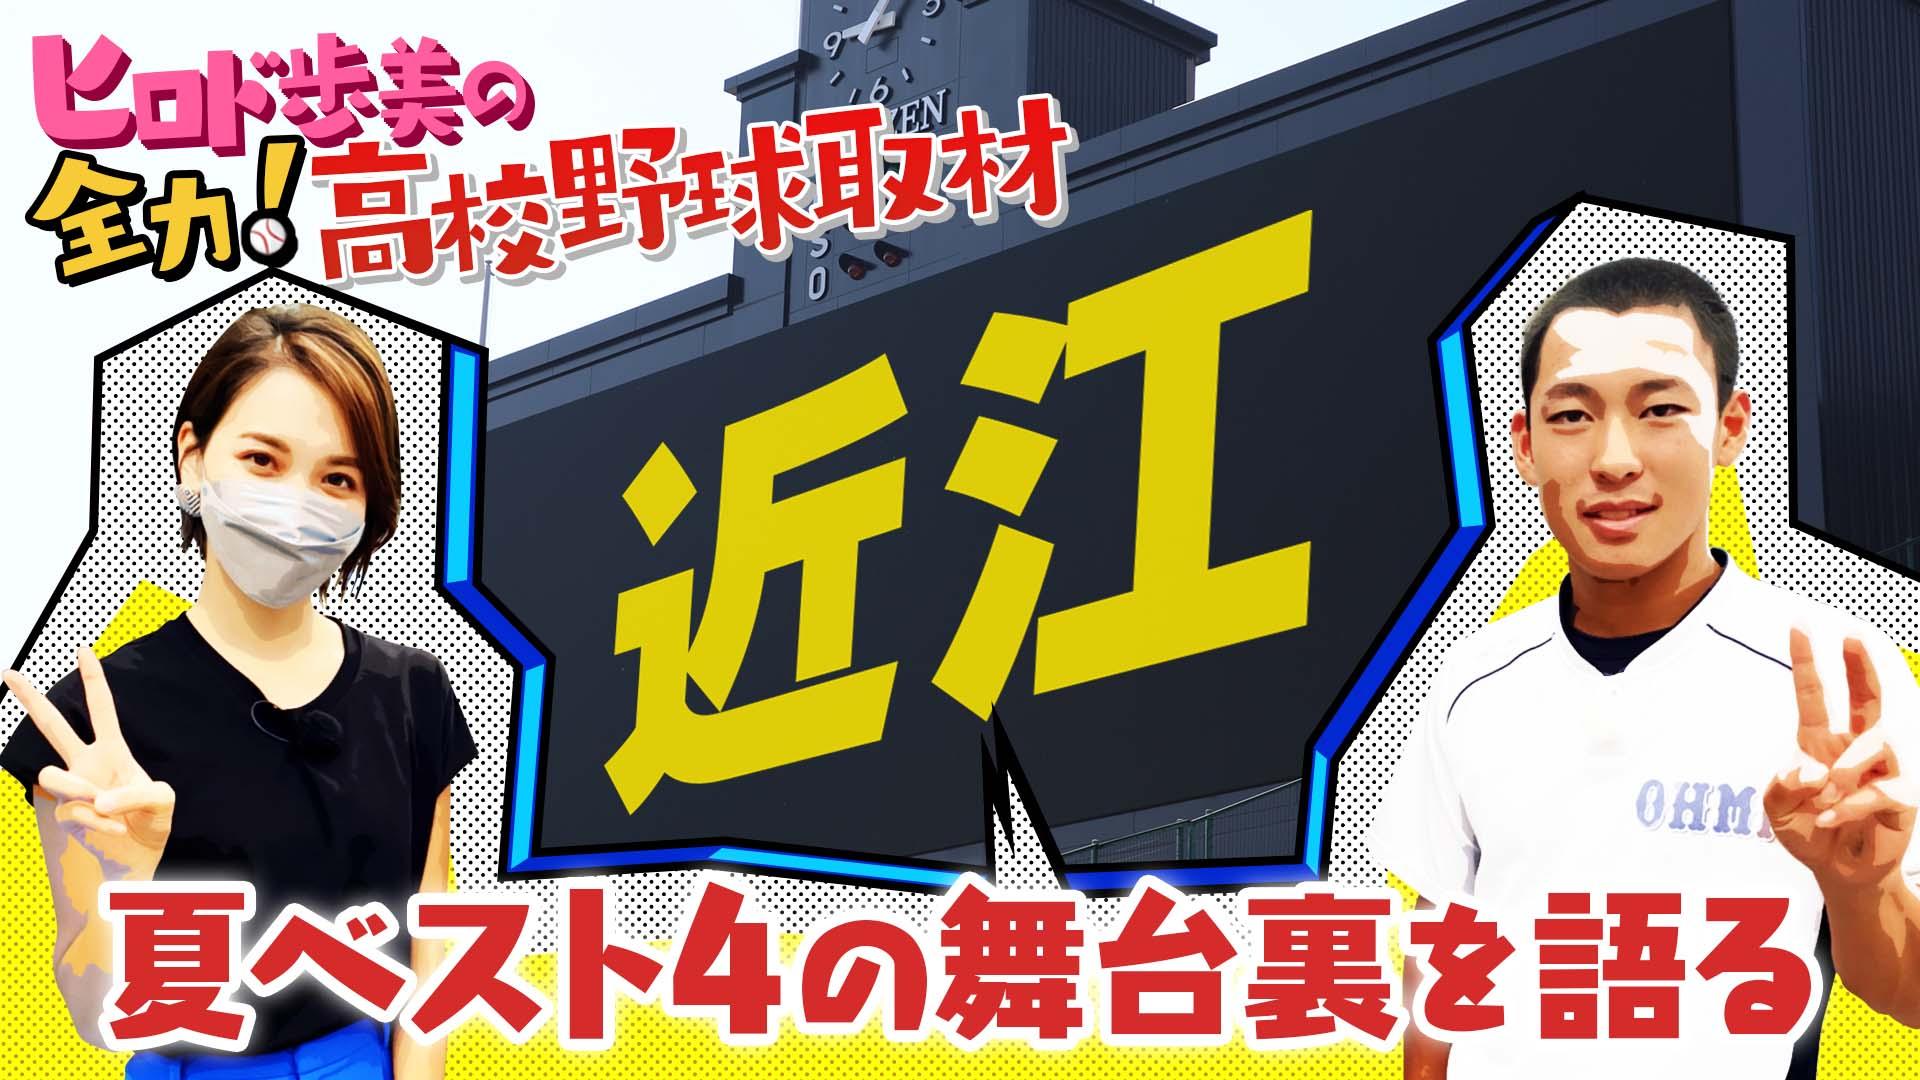 ヒロド歩美アナが近江・山田投手のホンネに迫る!